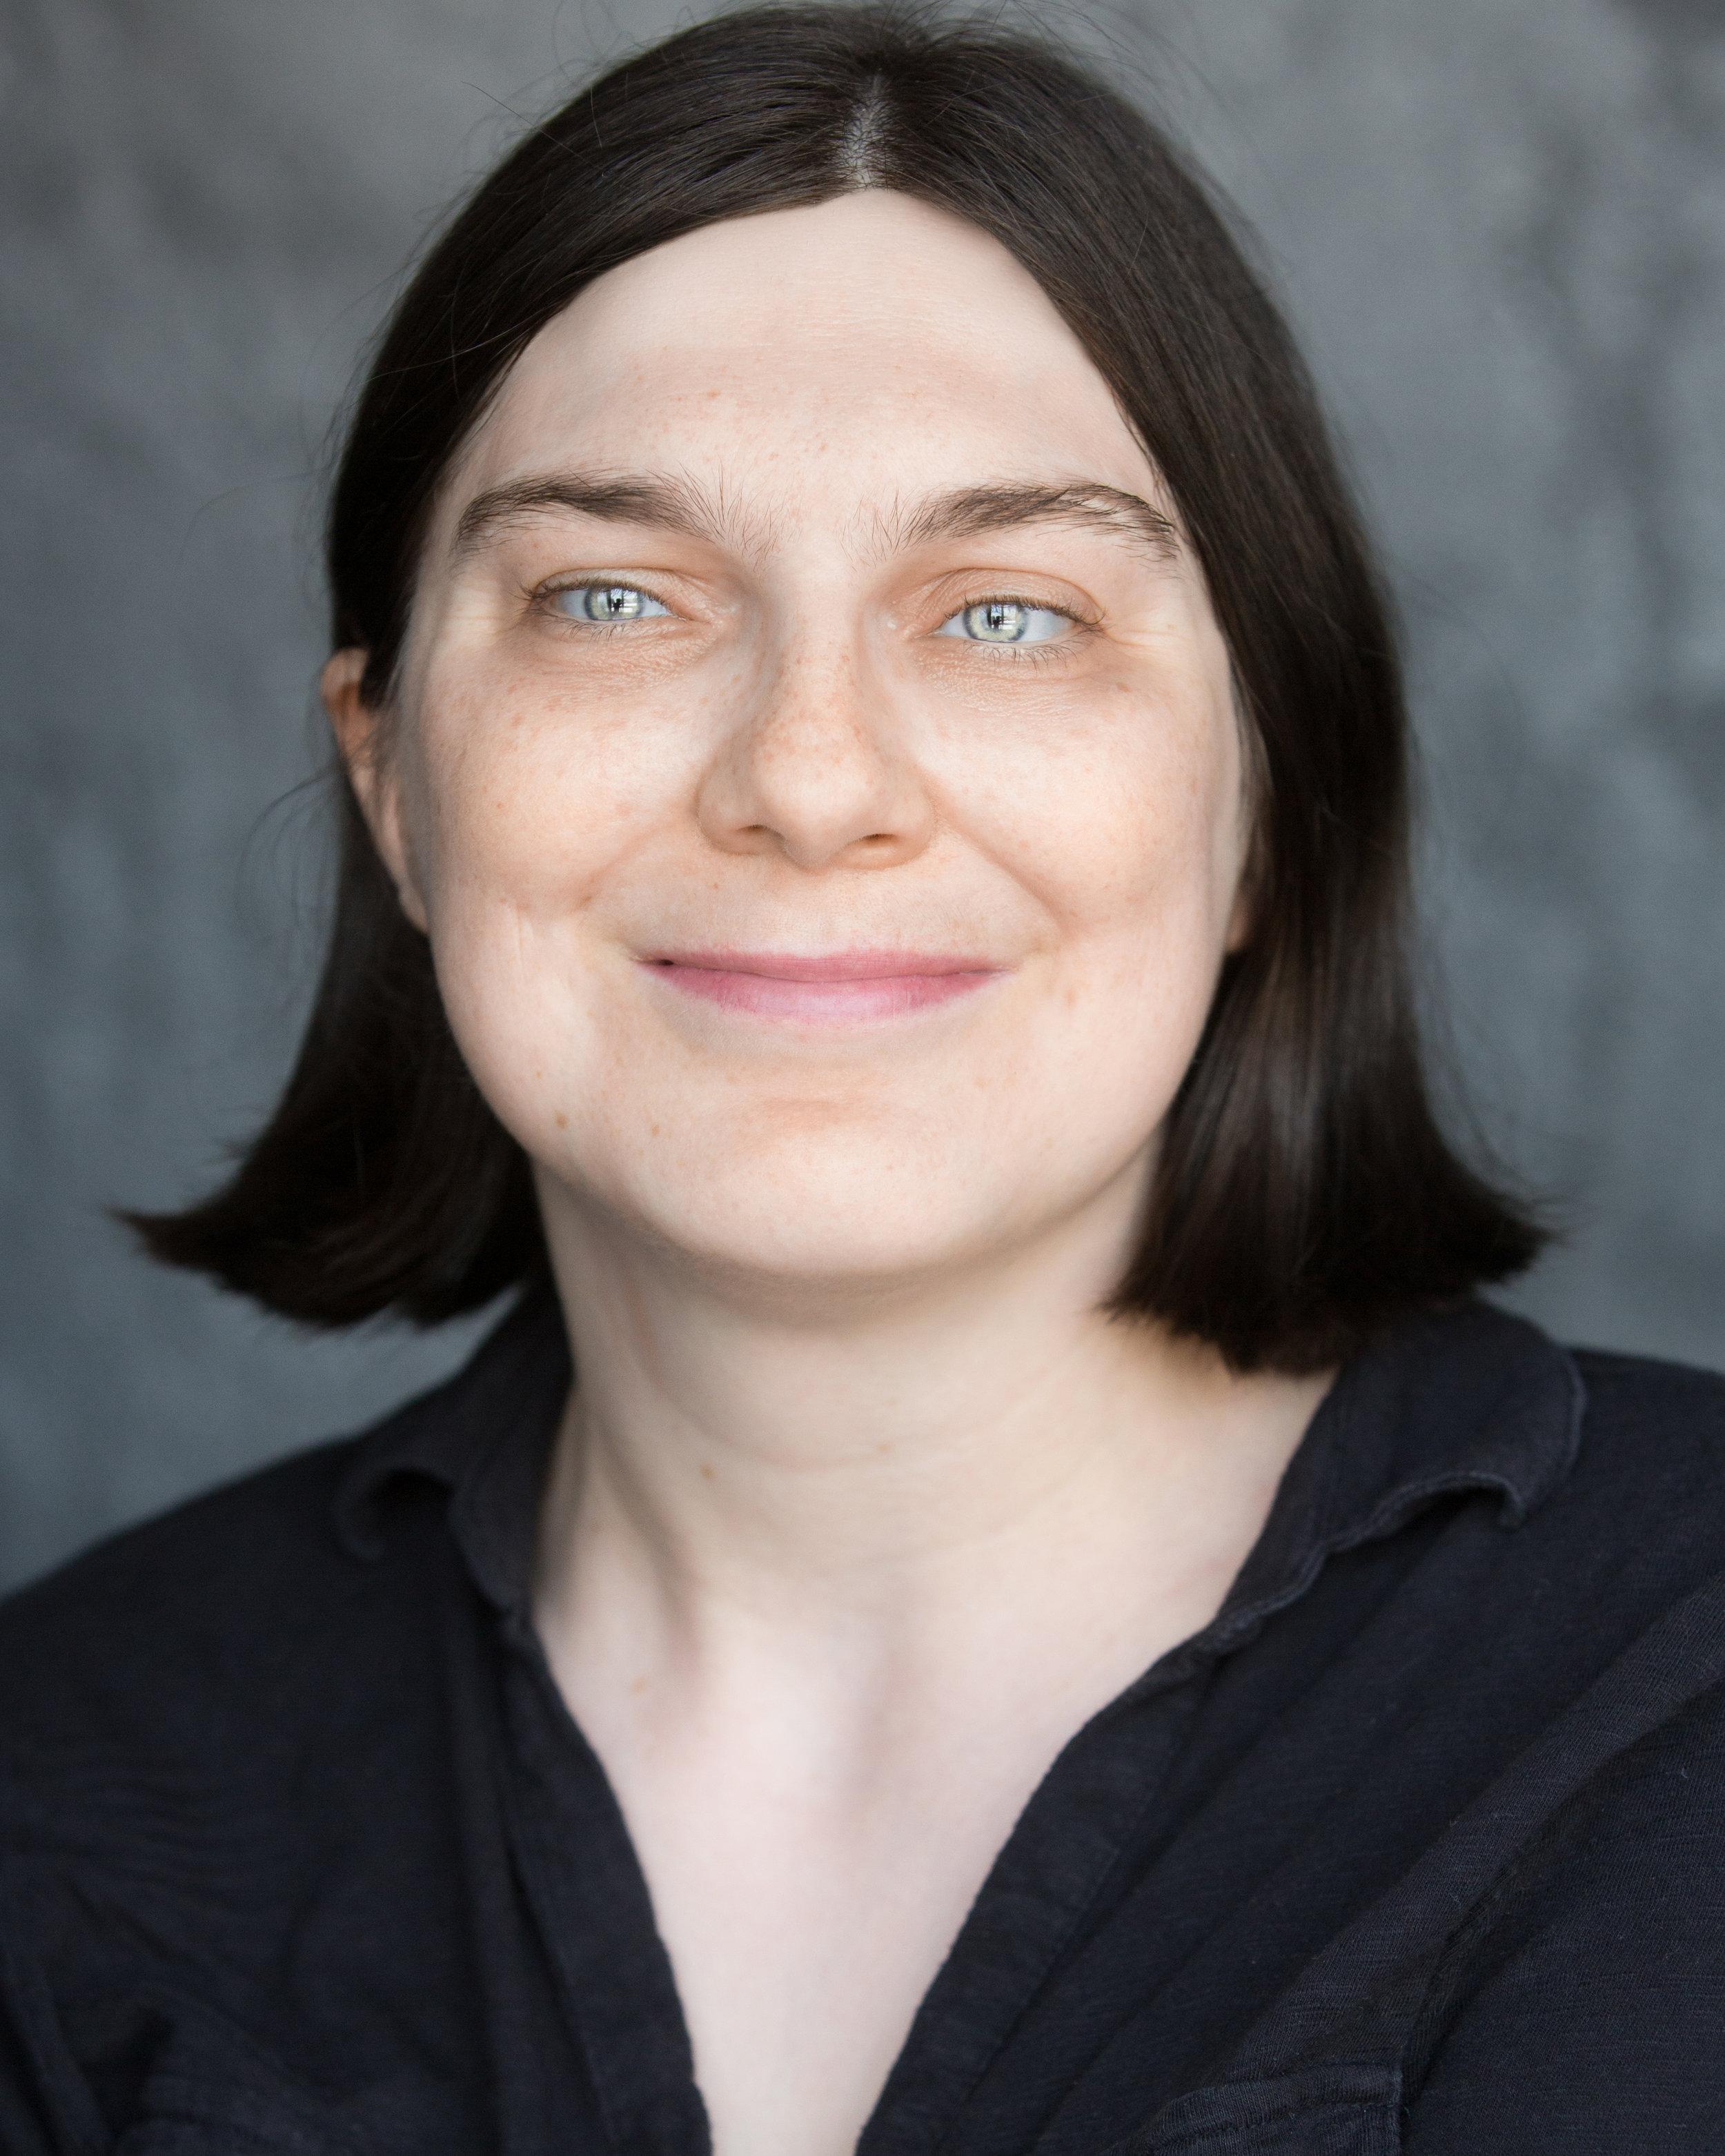 Zara Jayne